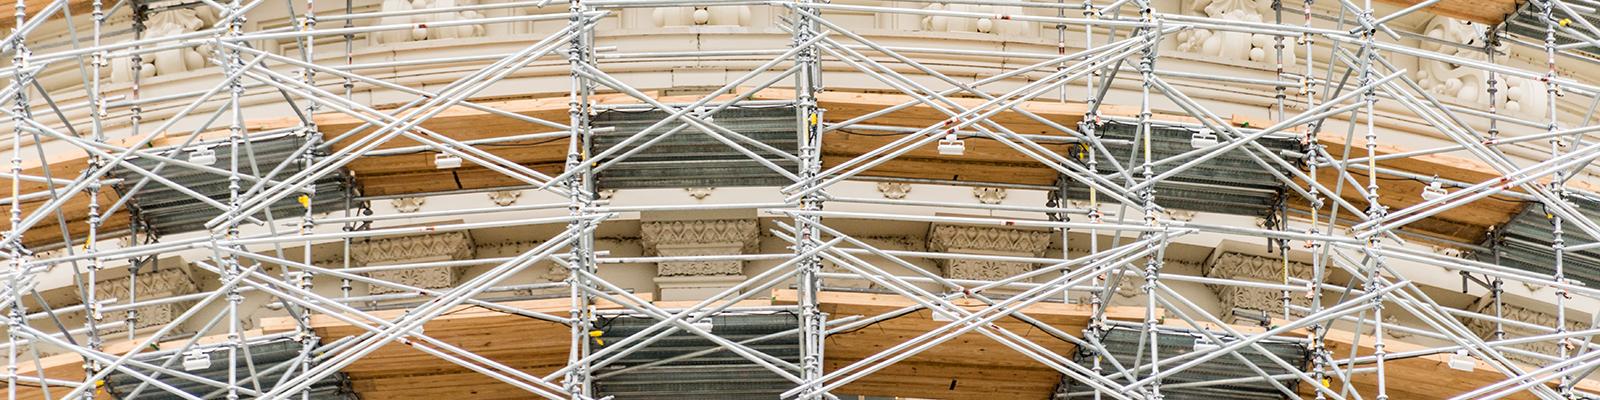 Ein eingerüstetes Gebäude symbolisiert Energiewende im Gebäudebereich; Quelle: istockphoto.com/OGphoto